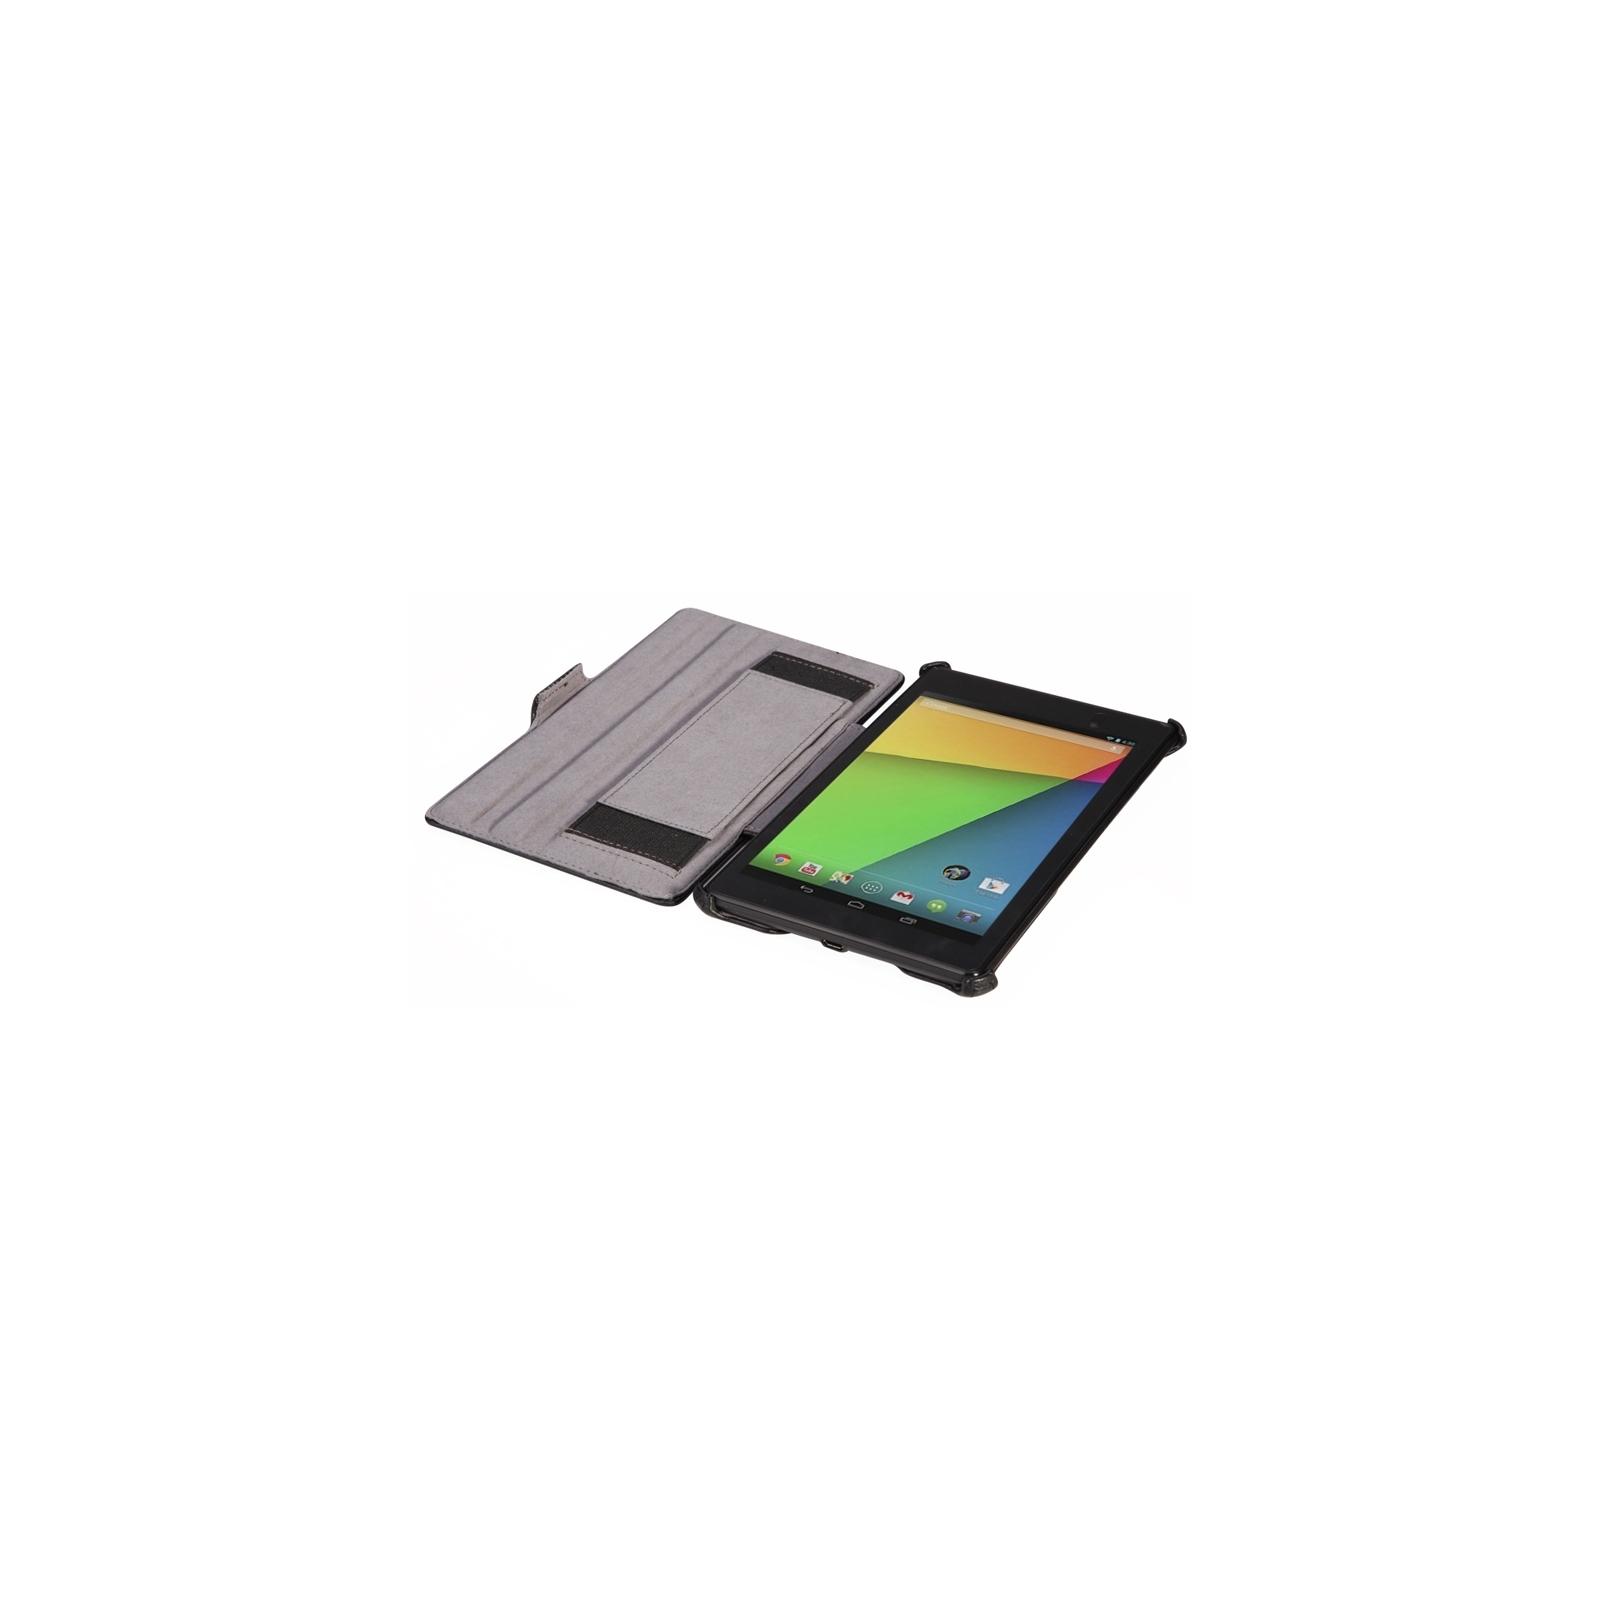 """Чехол для планшета AirOn для Google nexus 7"""" 2013 black (6946795830139) изображение 3"""